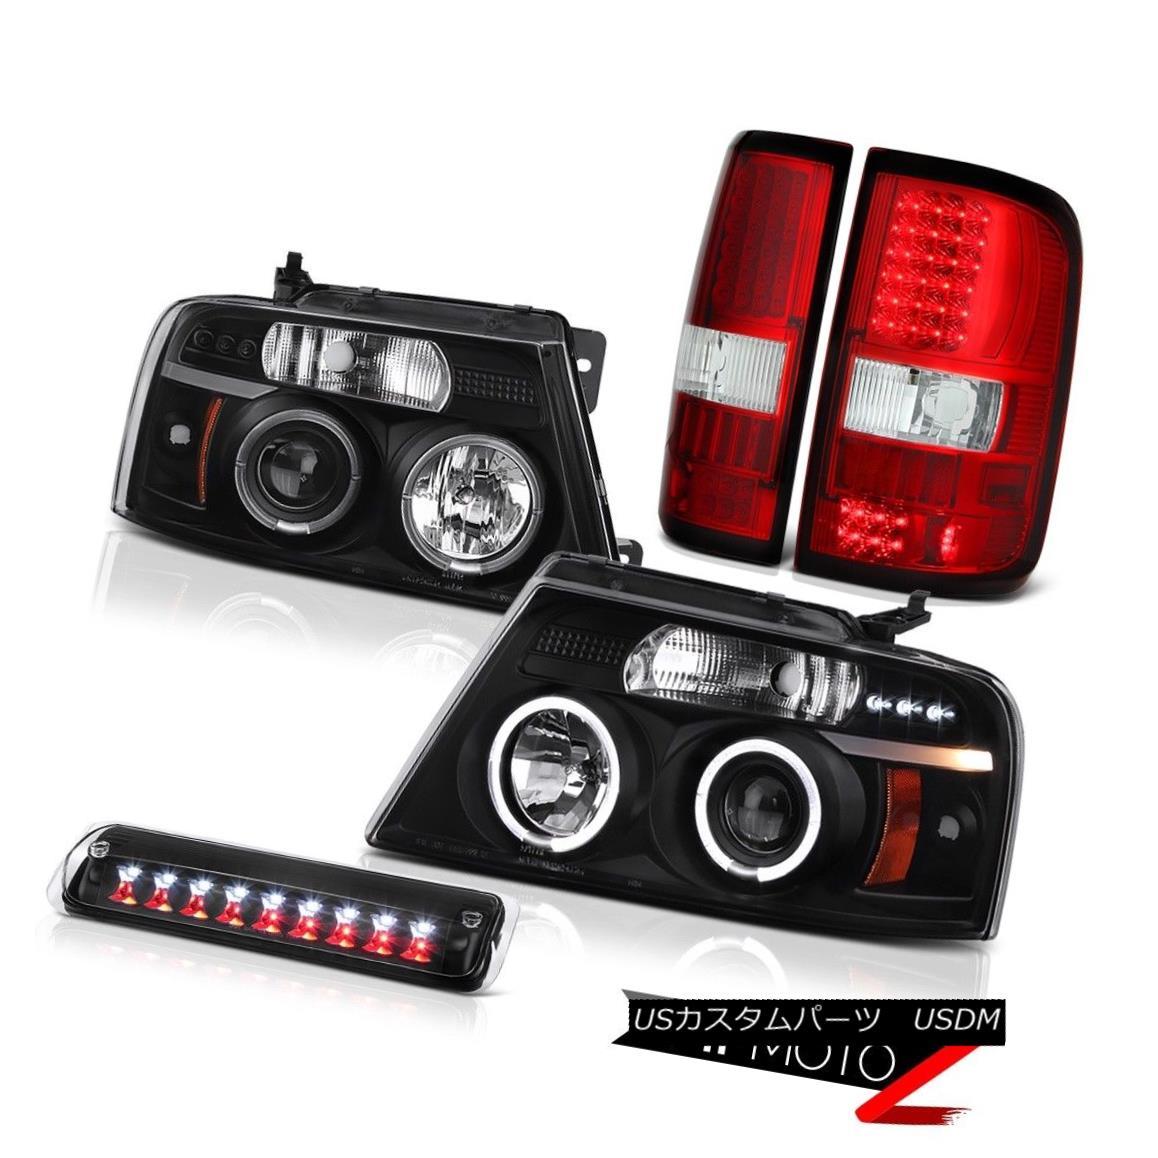 テールライト 04-08 Ford F150 Lariat Black Third Brake Lamp Rosso Red Tail Lights Headlights 04-08 Ford F150 Lariat Black第3ブレーキランプロッソレッドテールライトヘッドライト